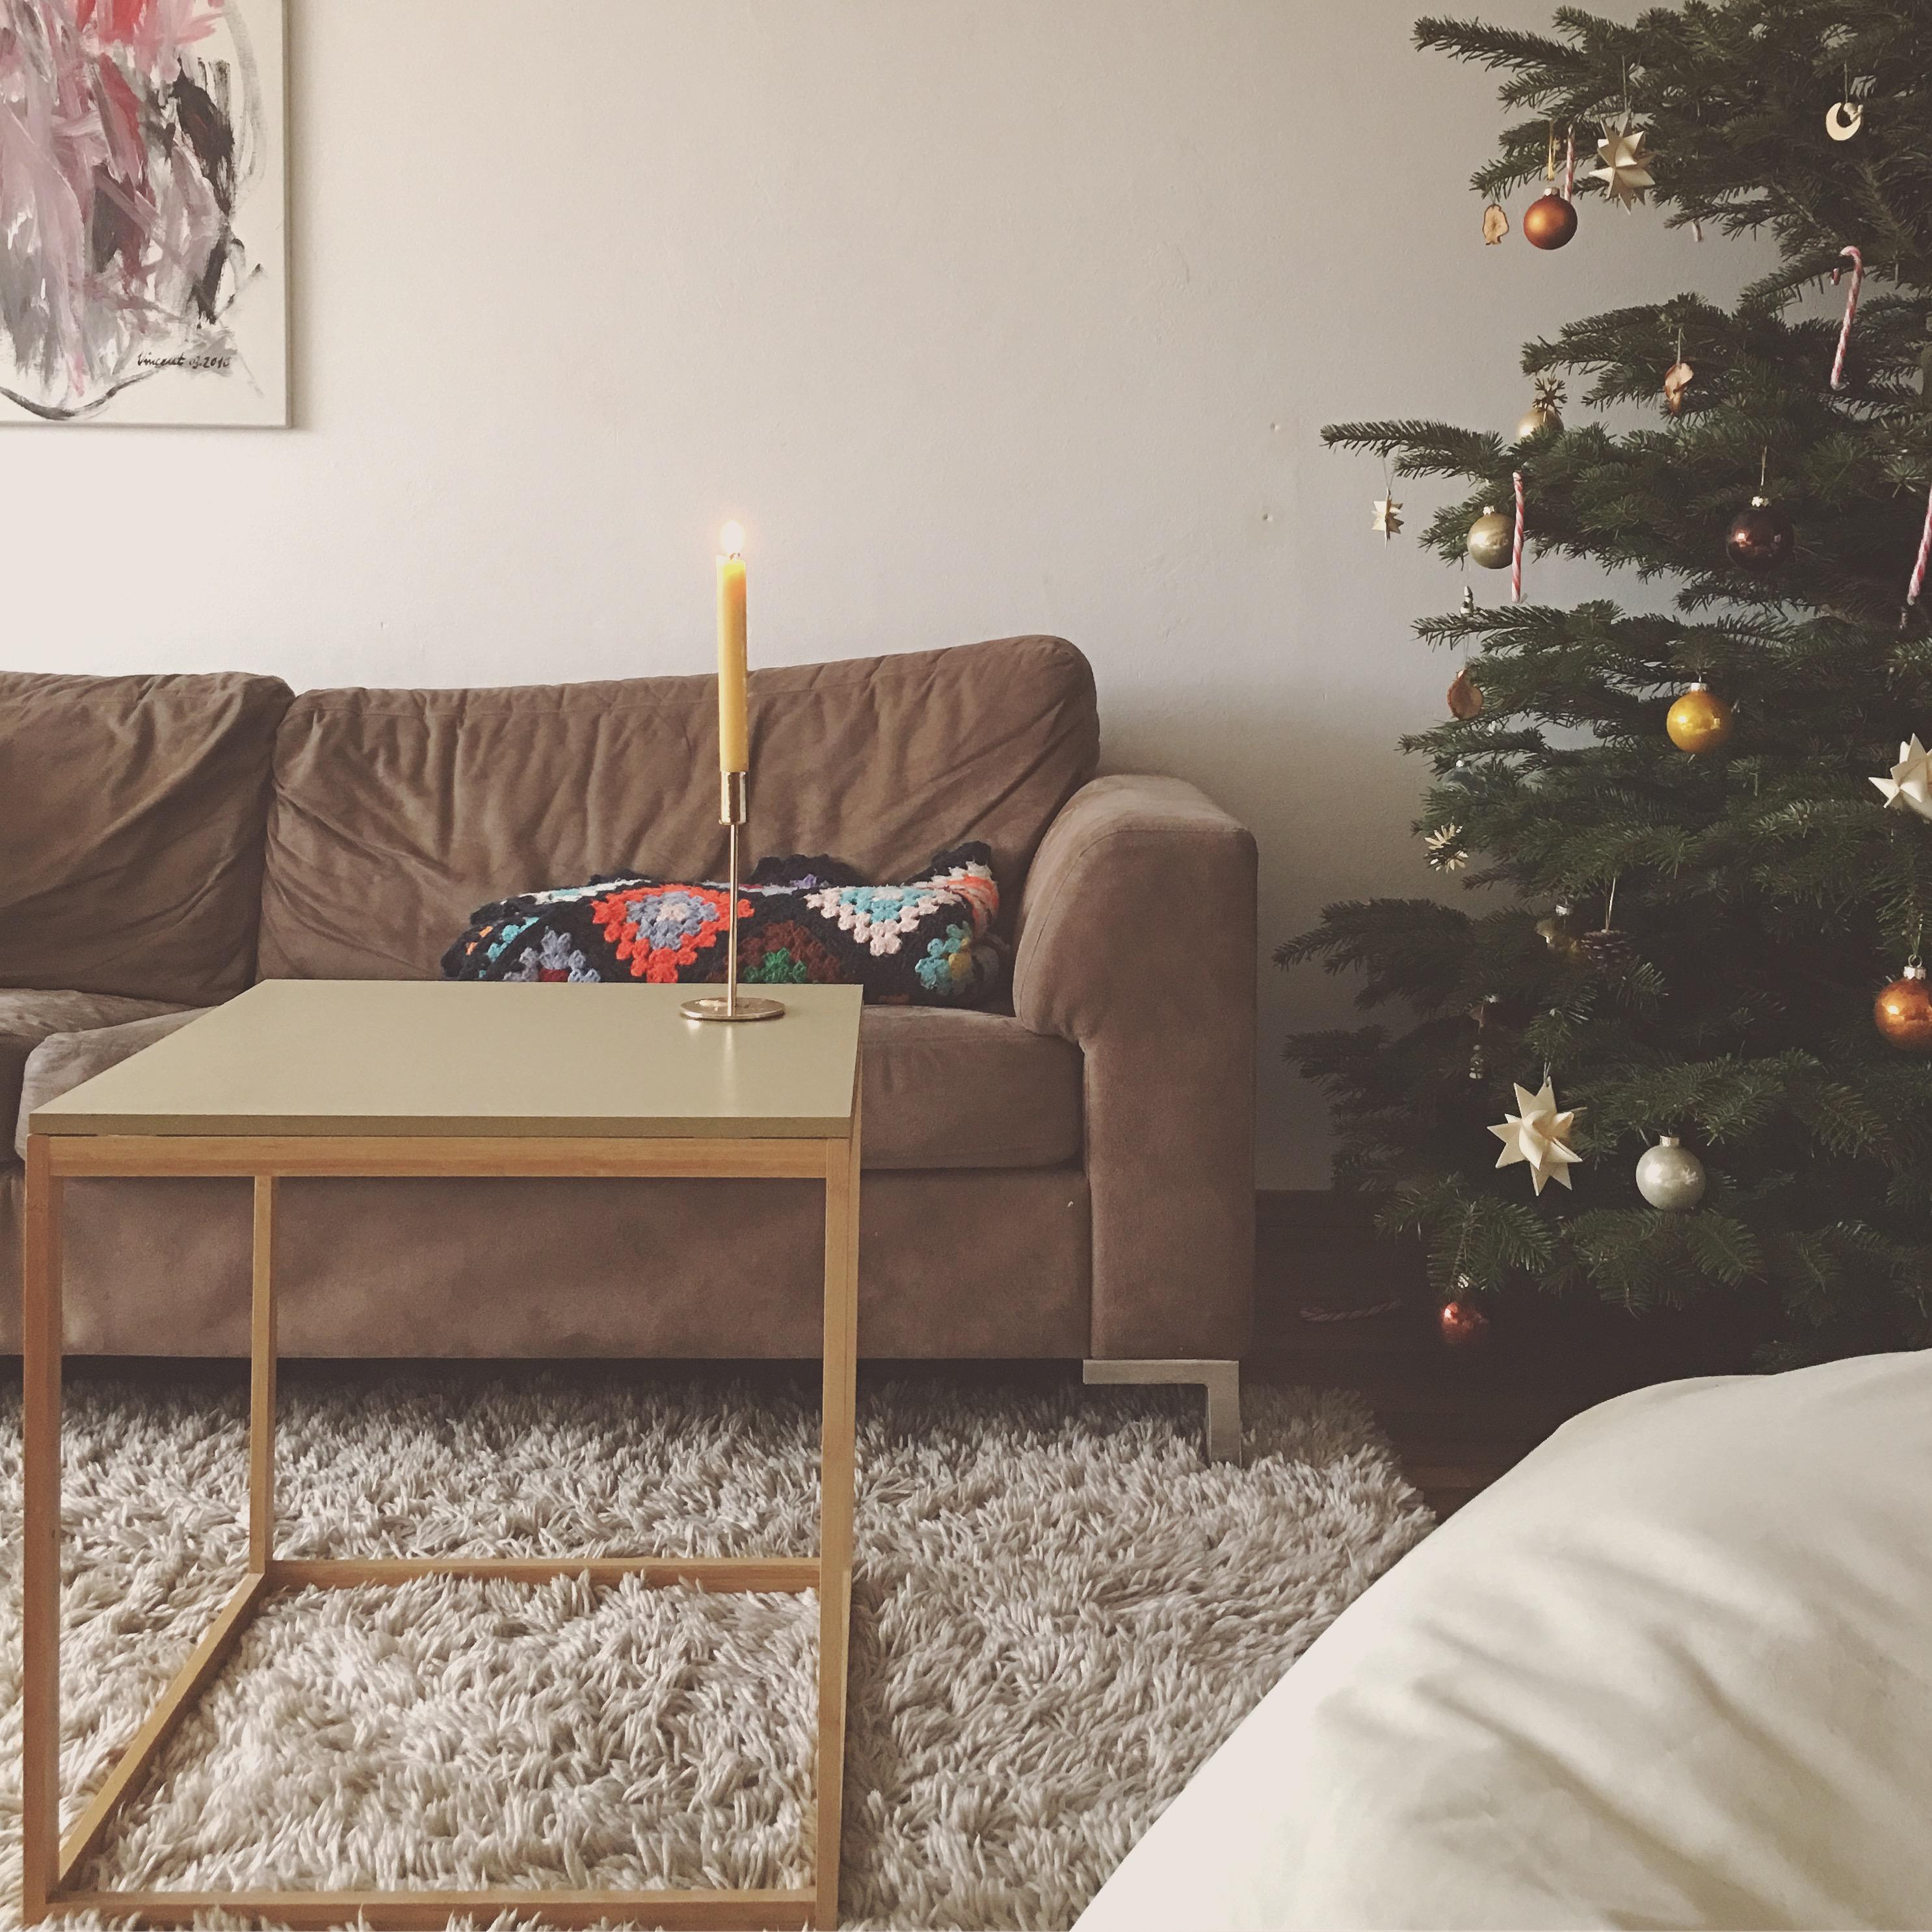 Couchtisch • Bilder & Ideen • Couchstyle